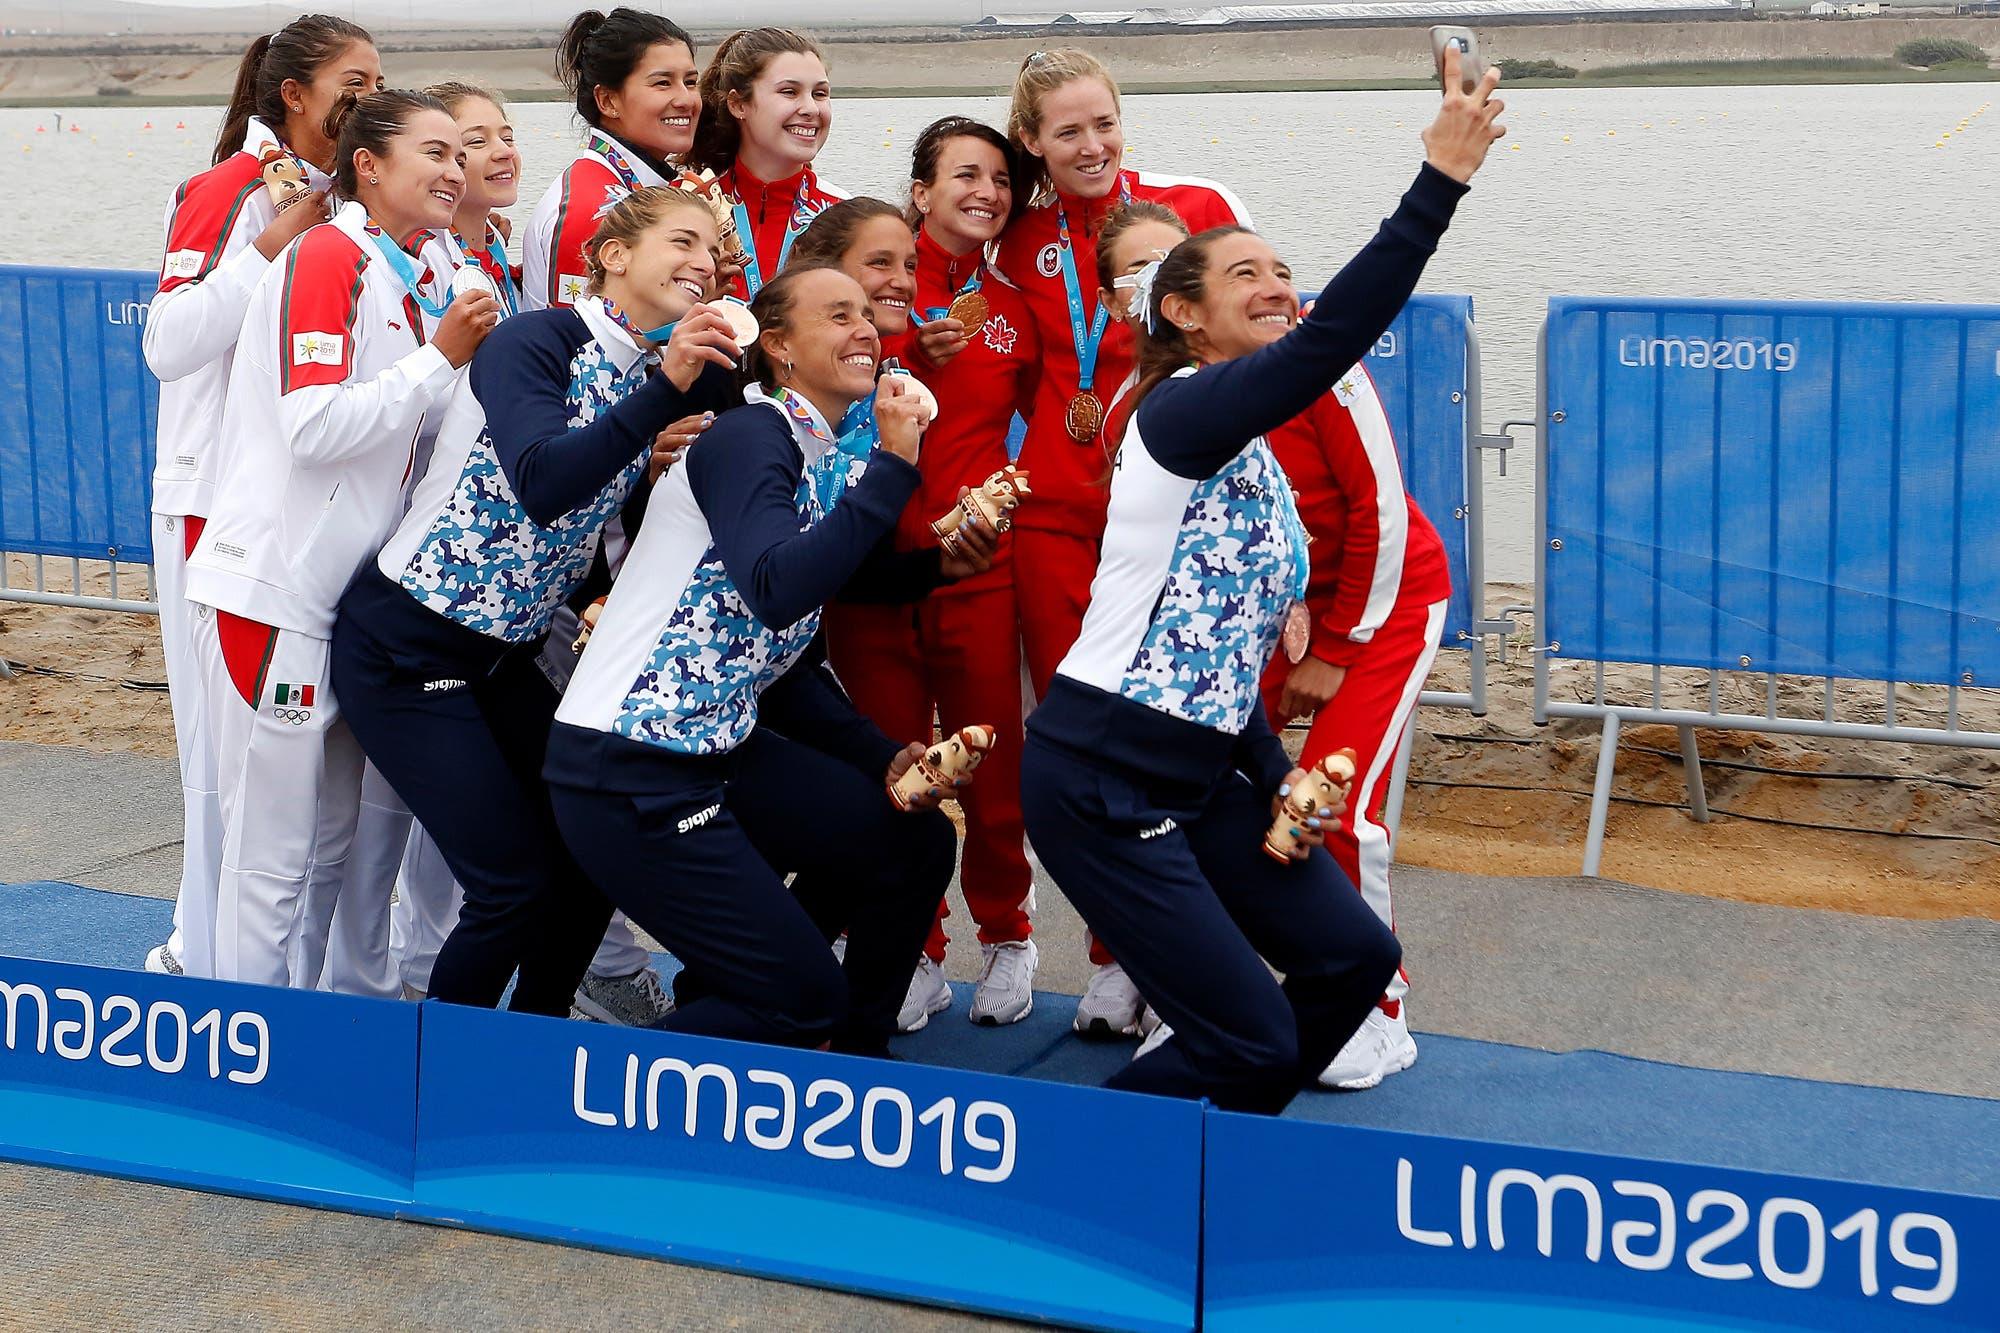 Juegos Panamericanos Lima 2019: todas las medallas argentinas hasta el momento